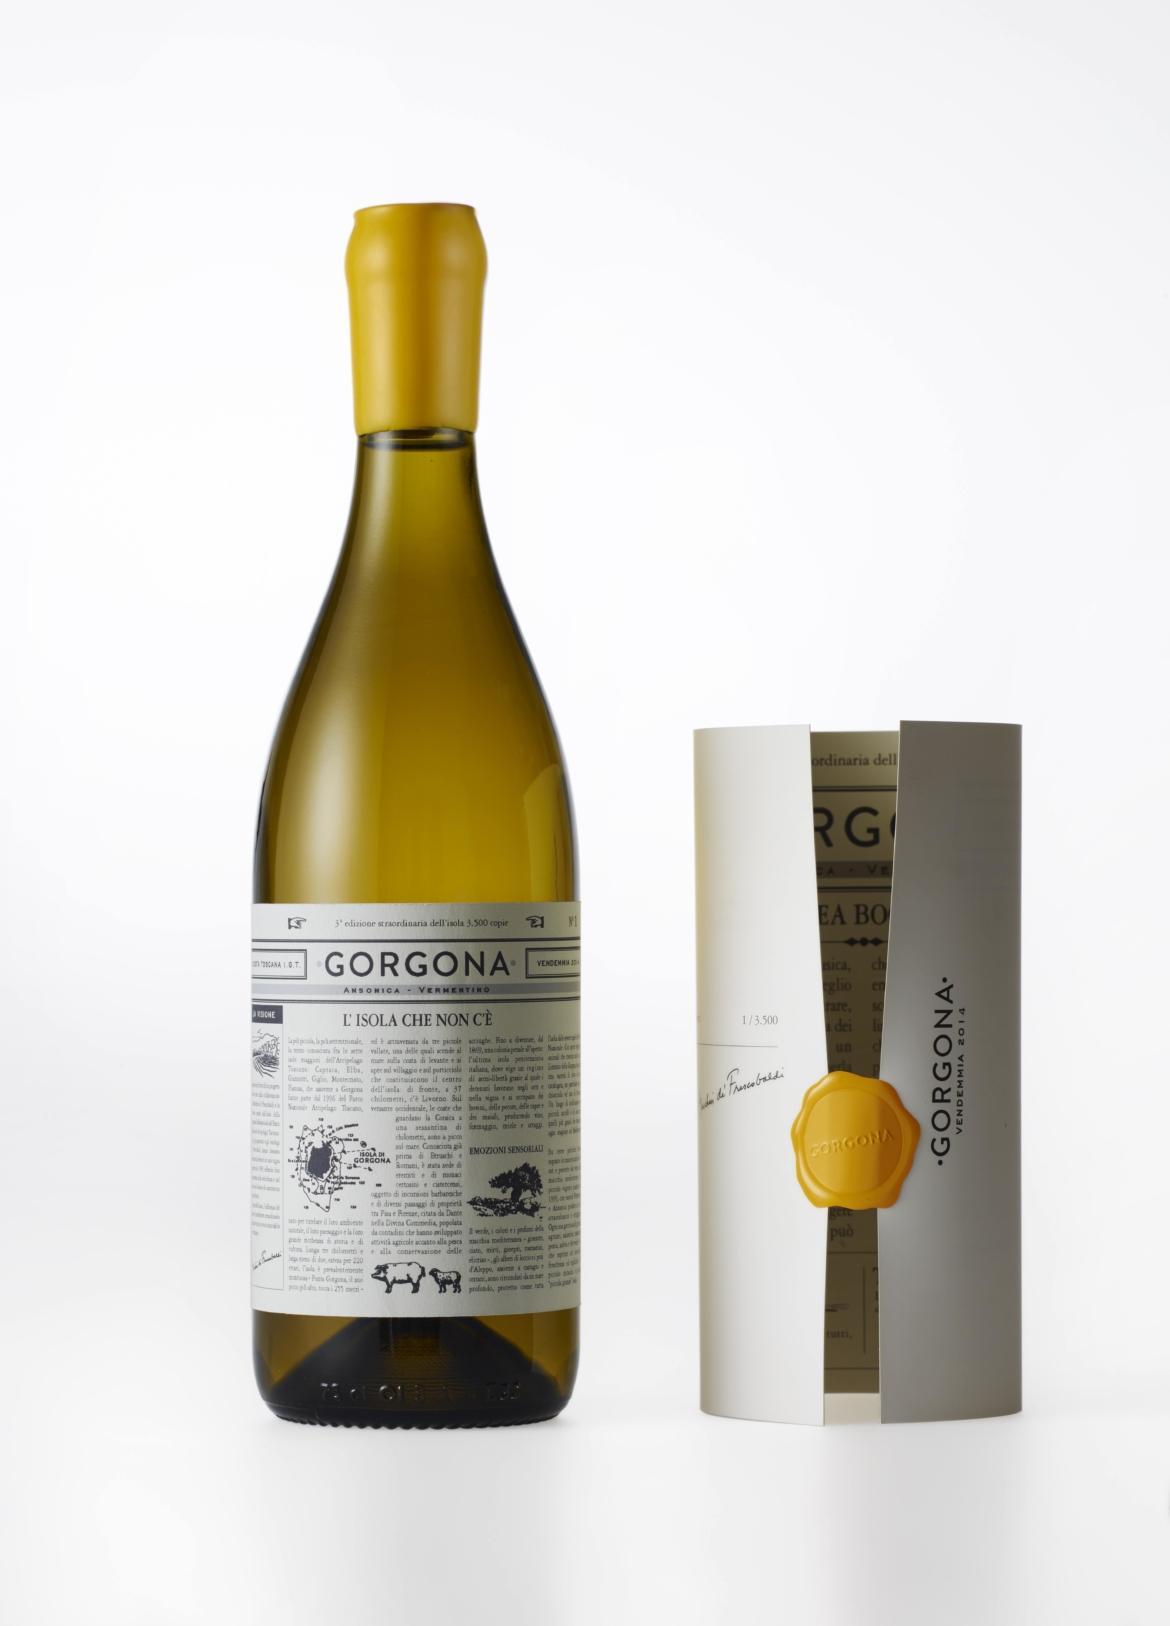 Frescobaldi per Gorgona: nasce la collaborazione tra l'azienda vitivinicola toscana e l'isola